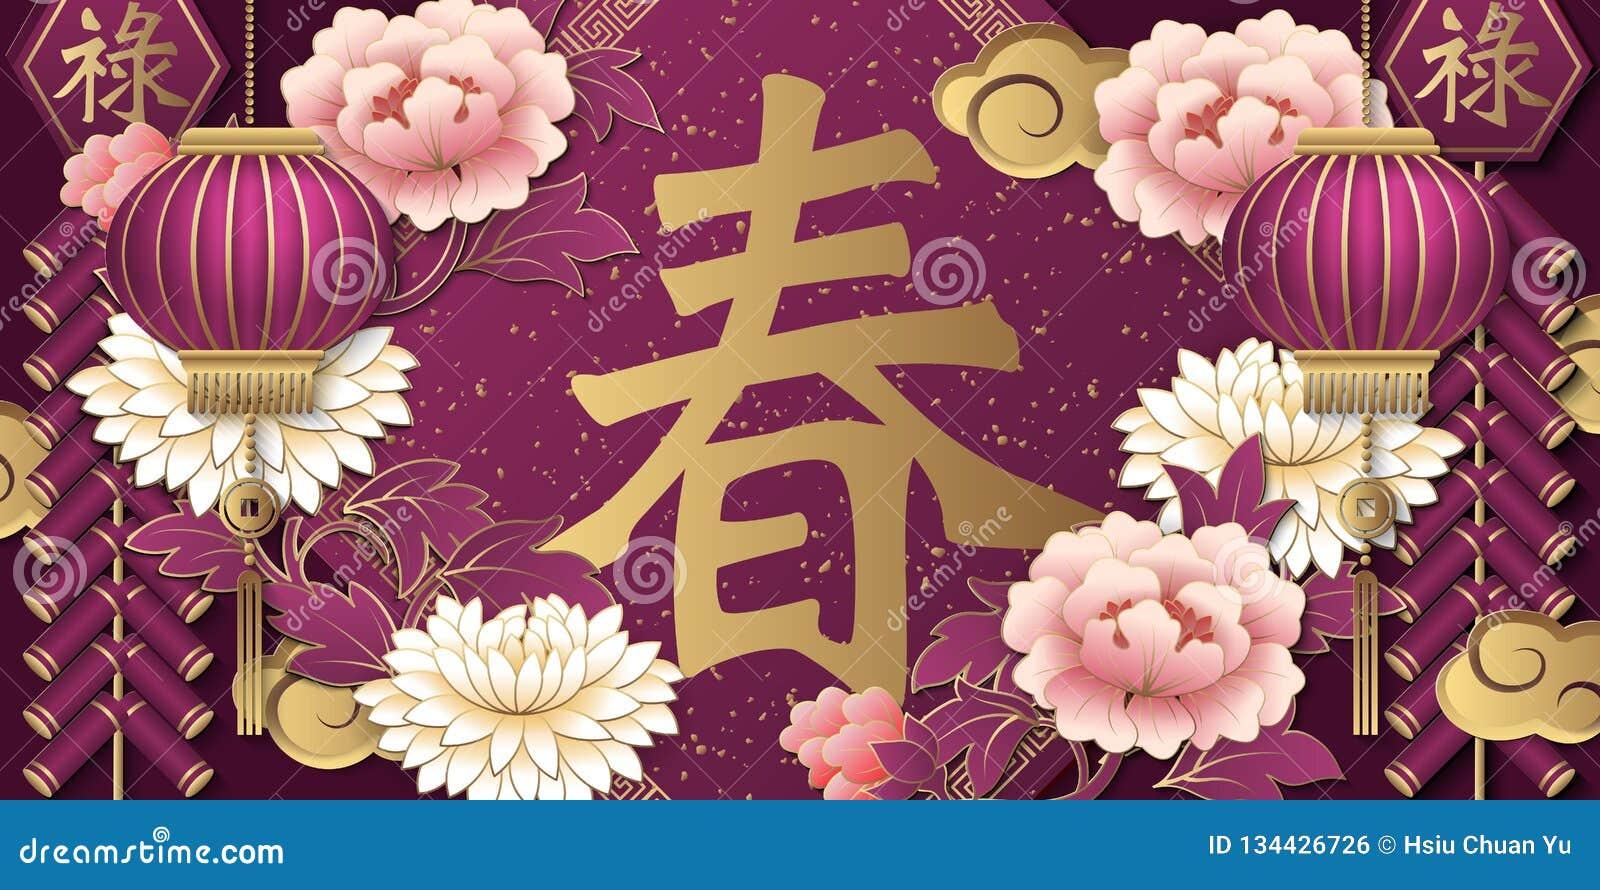 Ευτυχή κινεζικά νέα σύννεφο και firecrackers φαναριών λουλουδιών ανακούφισης έτους αναδρομικά χρυσά ρόδινα πορφυρά peony